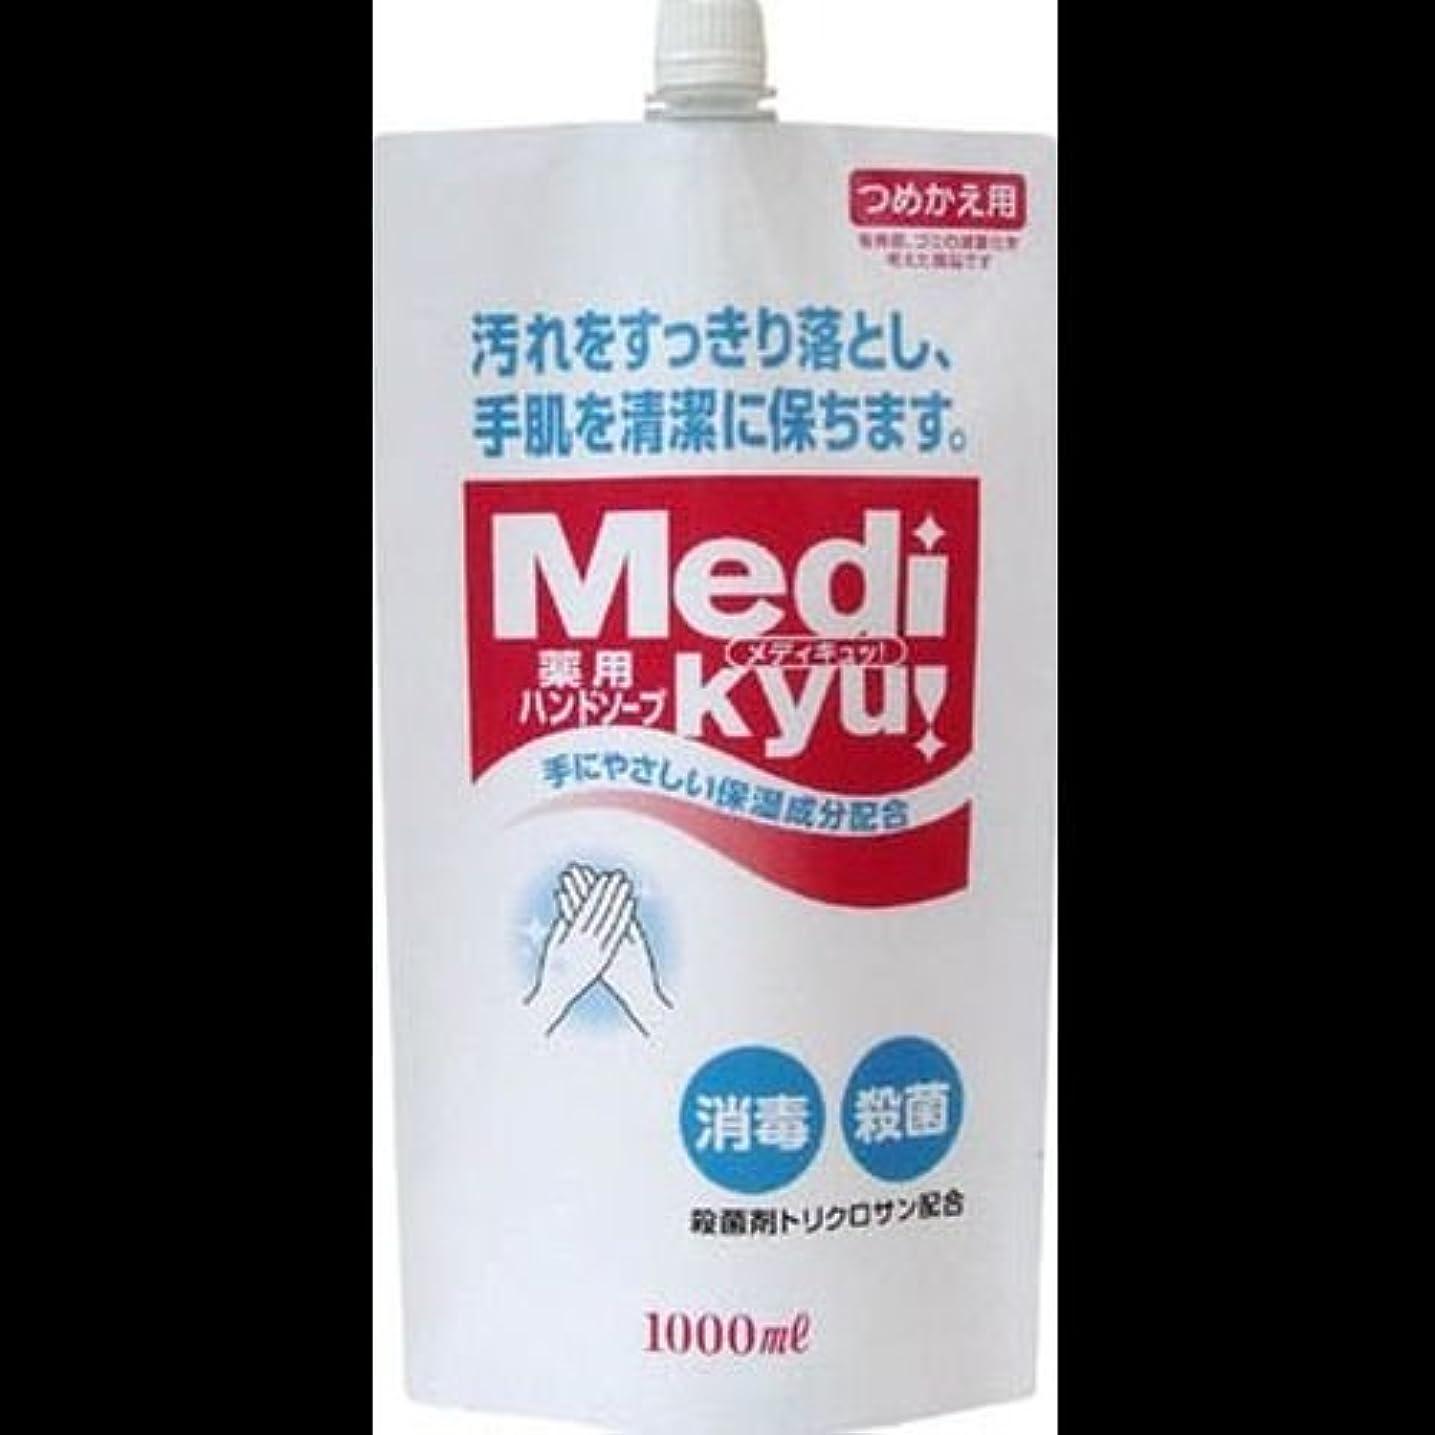 カプラー湿気の多い懐疑論【まとめ買い】薬用ハンドソープ メディキュッ 詰替用 1000ml ×2セット